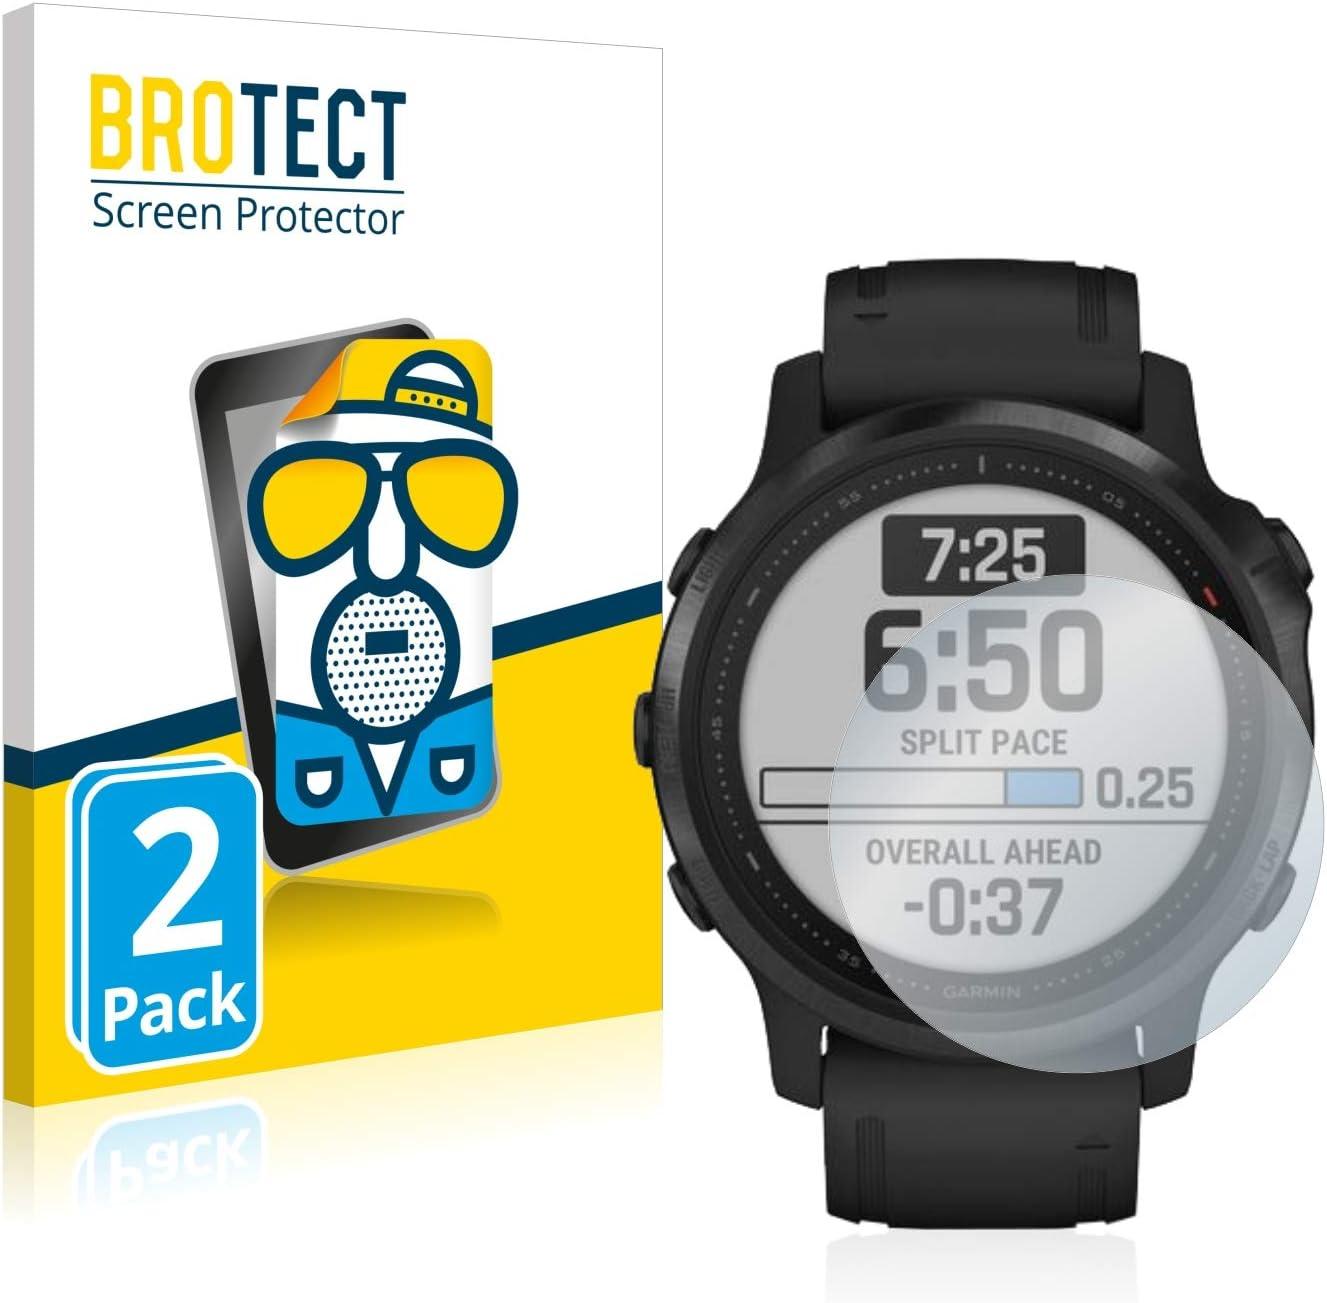 Film Protection Ecran Mat 2 Pi/èces brotect Protection Ecran Anti-Reflet Compatible avec Garmin Fenix 6S Pro